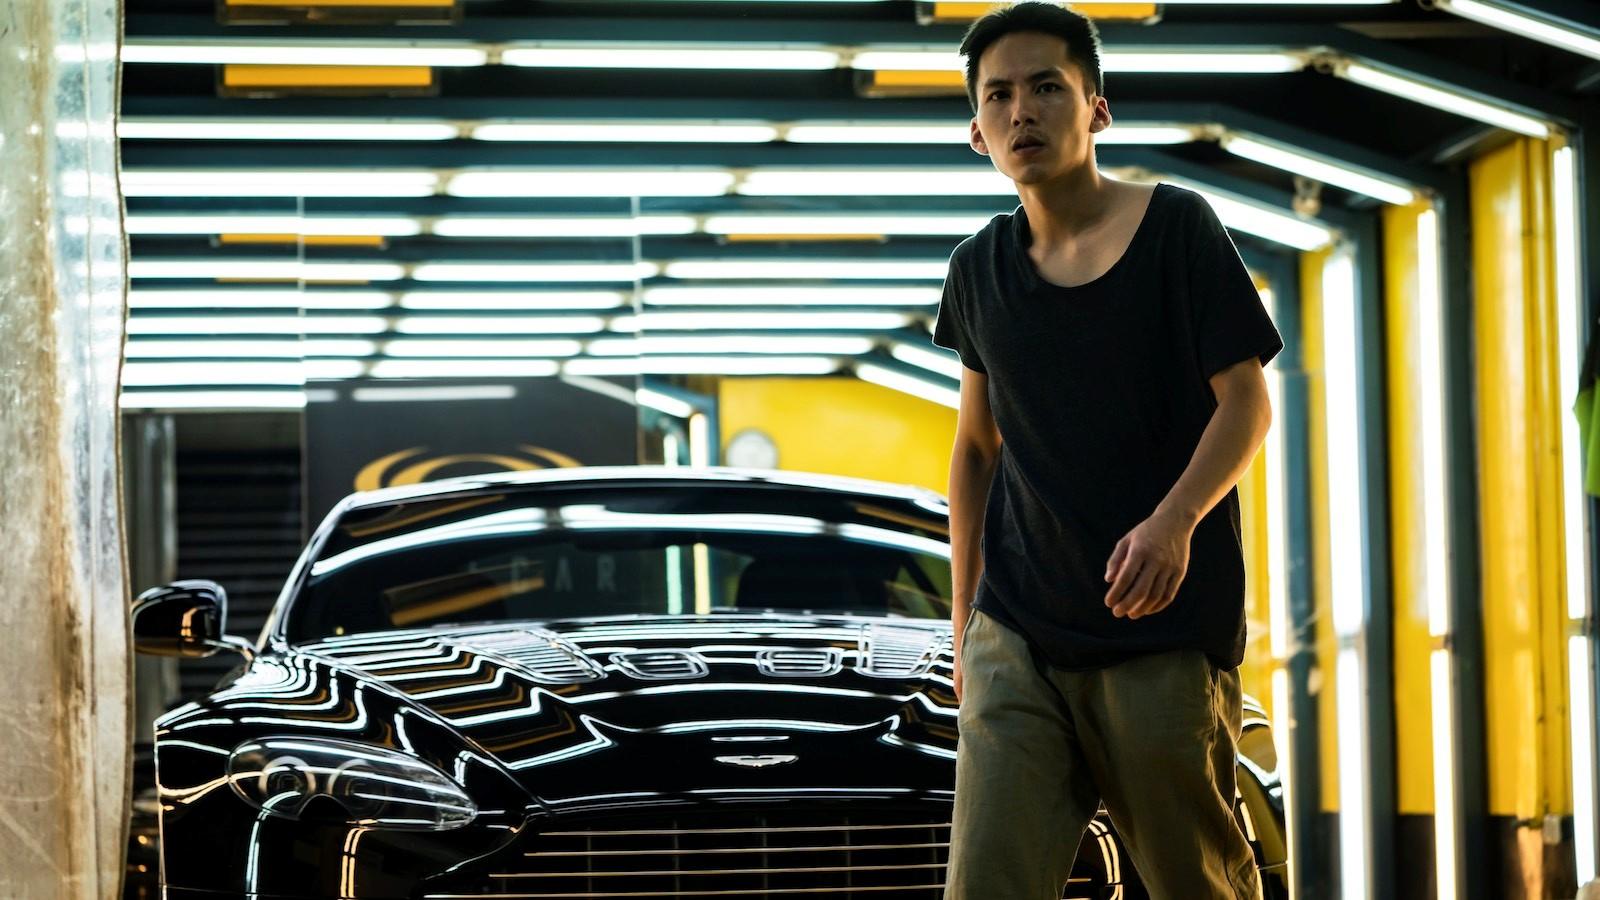 У Netflix есть один из лучших фильмов года с тайваньским «Солнцем» — вот почему вы об этом не знали